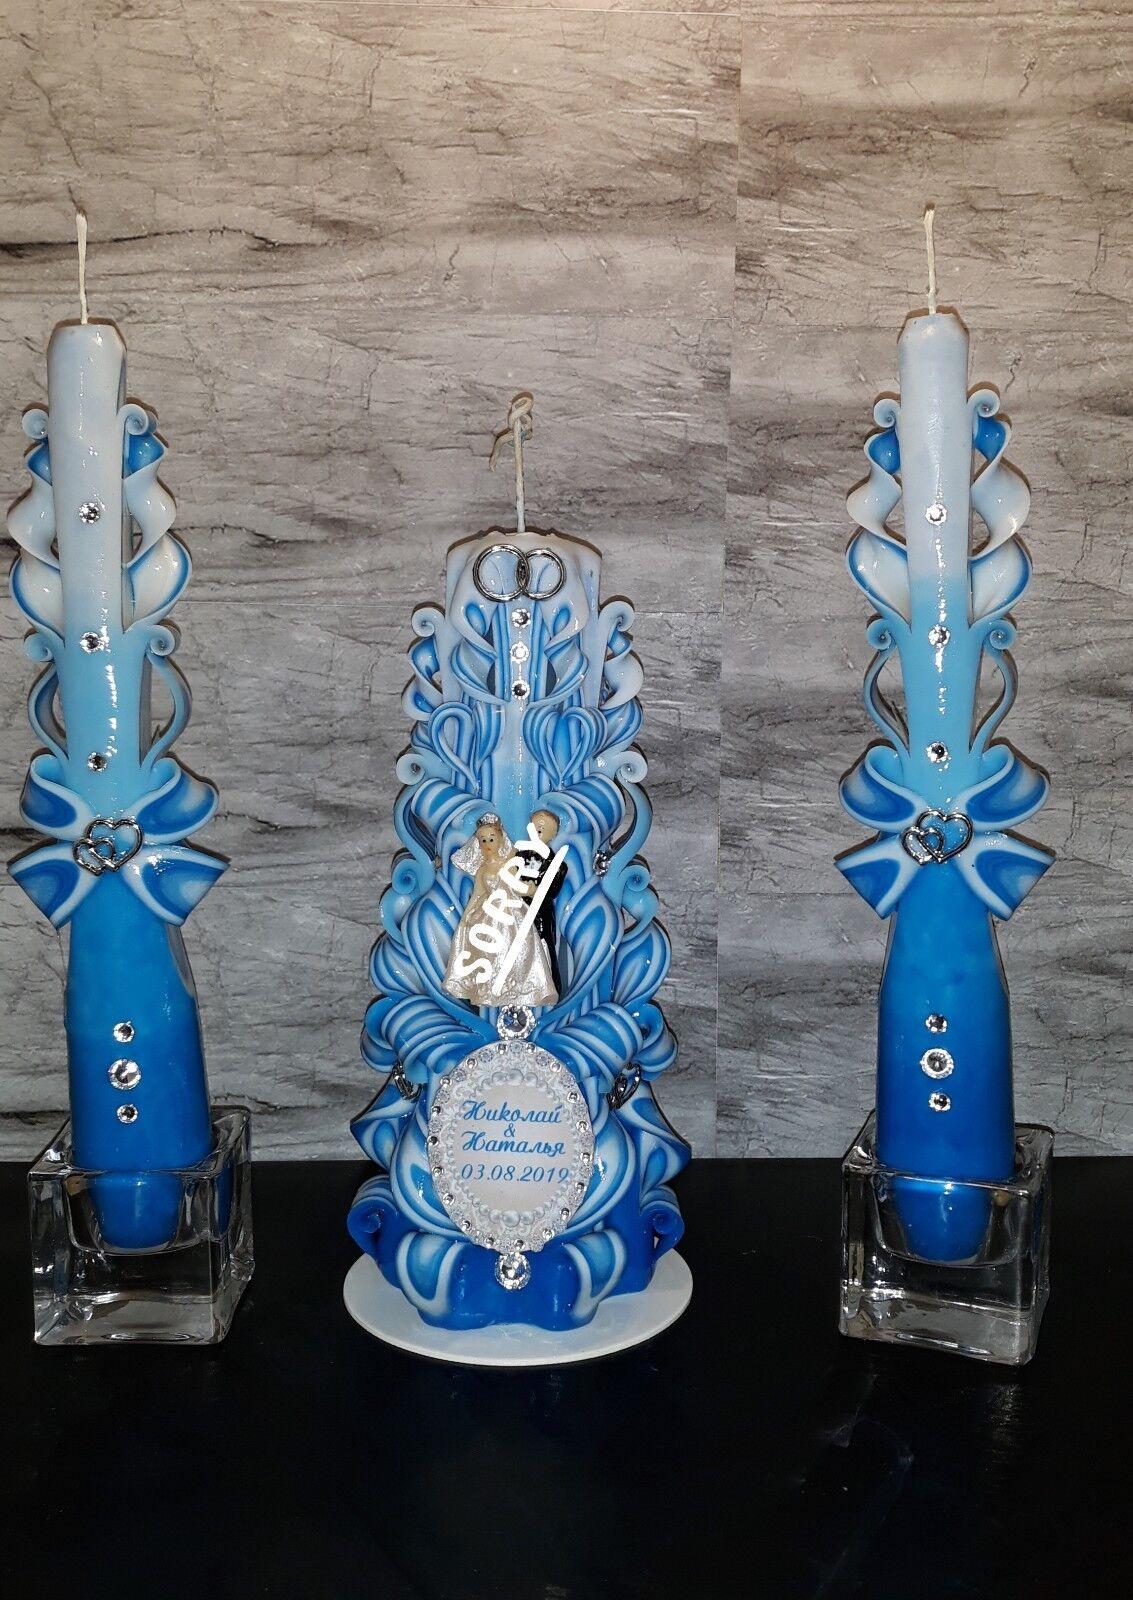 Hochzeitskerzen Set22 u25 cm mit Brautpaar Geschnitzte Kerze Handmade Brautkerze